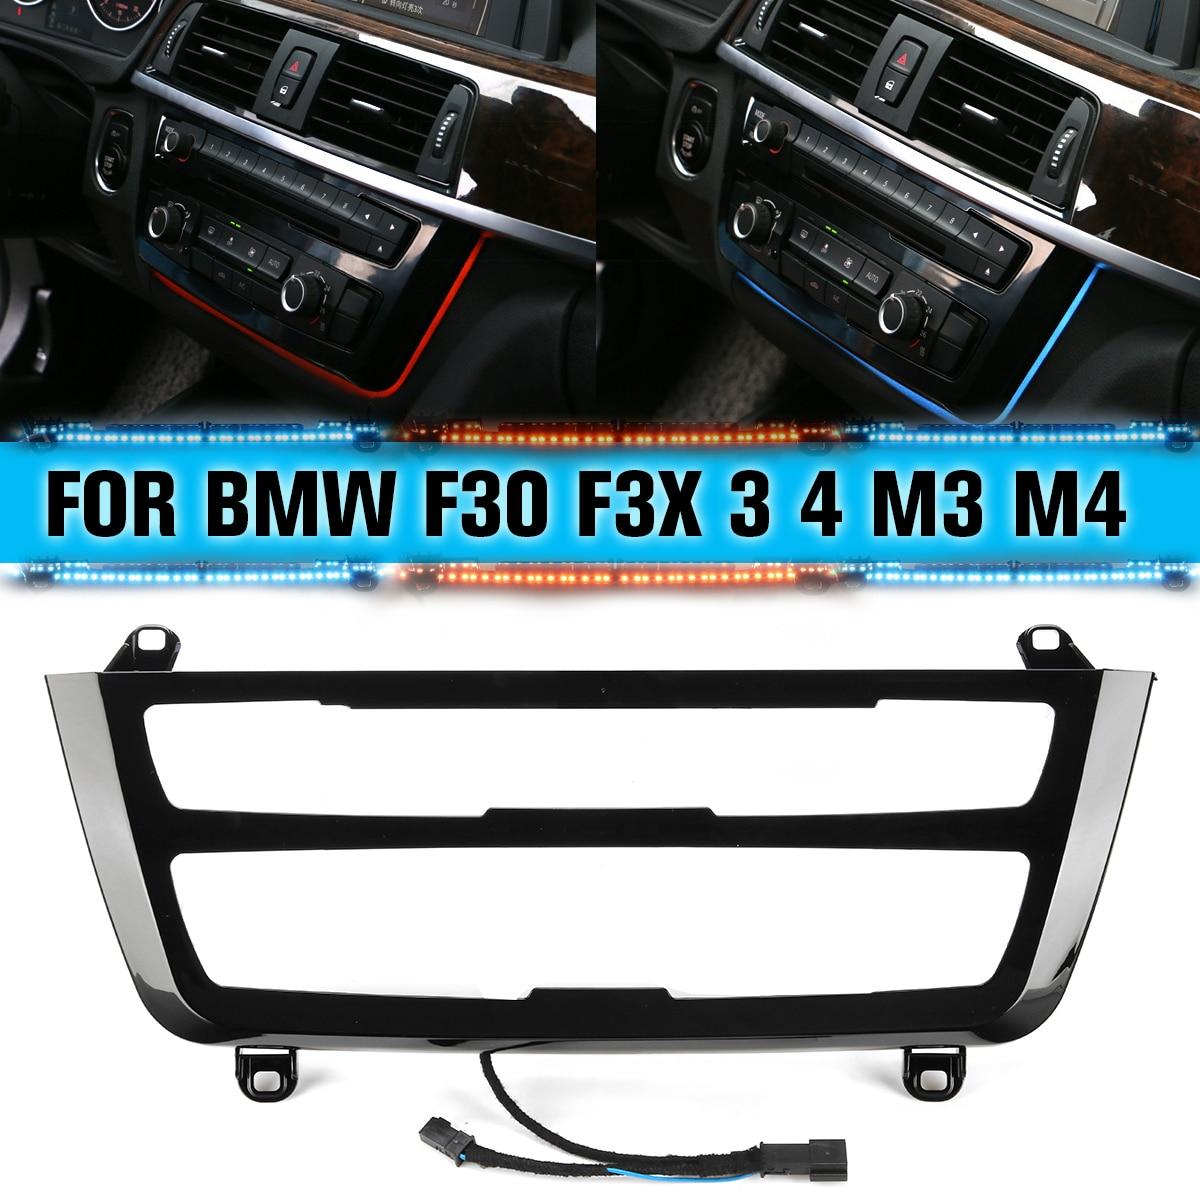 Для BMW 3 и 4 серии F30 M3 M4 LCI радио отделка LED приборная панель центральная консоль AC панель светильник синий оранжевый 2 цвета атмосферный свети...